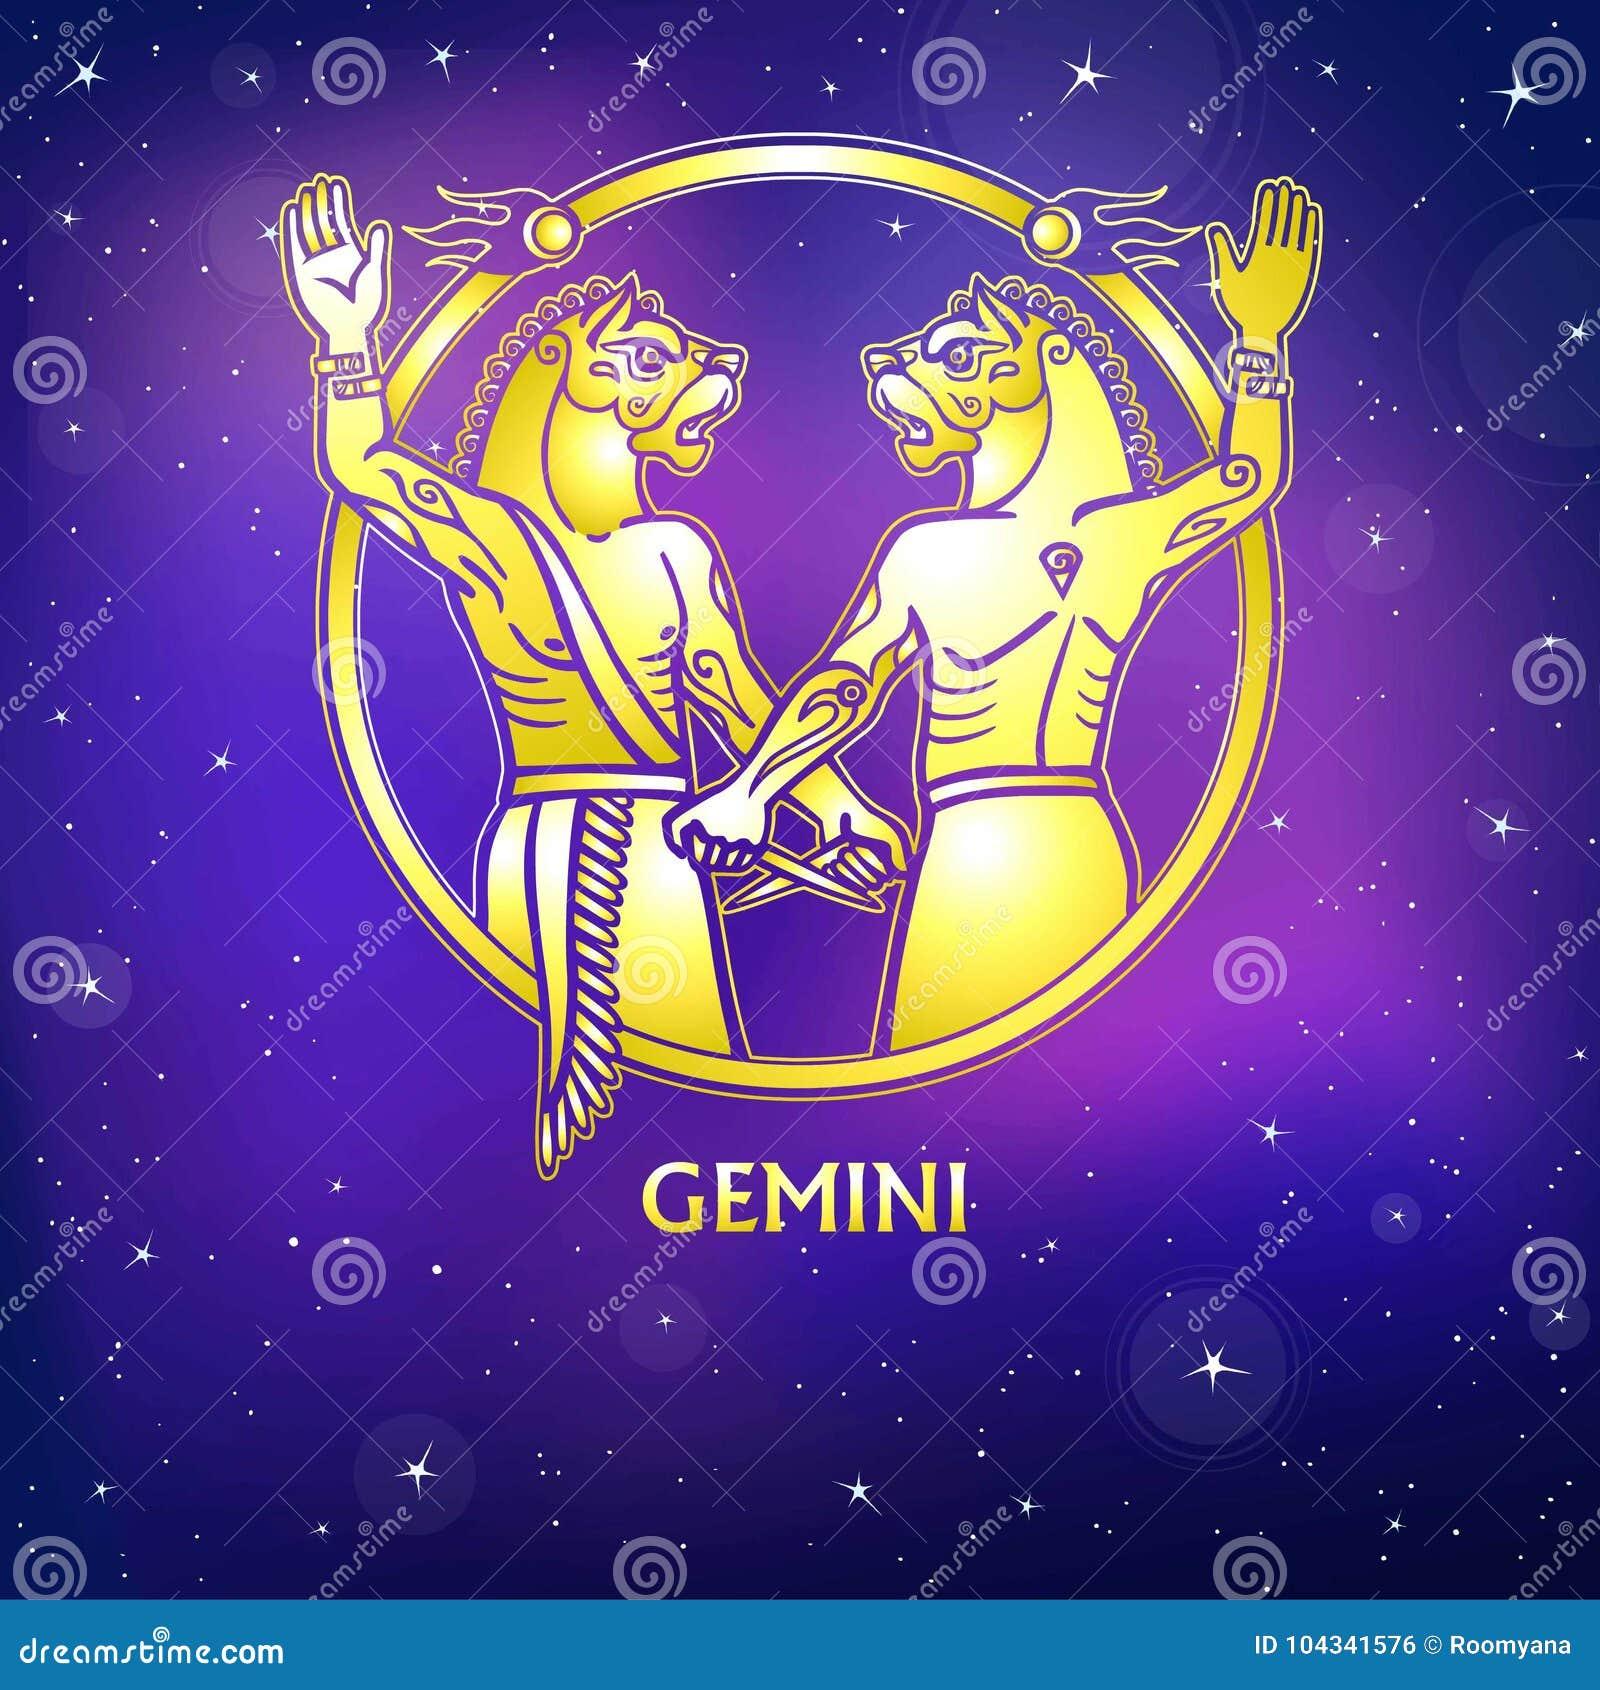 Zodiac sign gemini character of sumerian mythology gold zodiac sign gemini character of sumerian mythology gold imitation buycottarizona